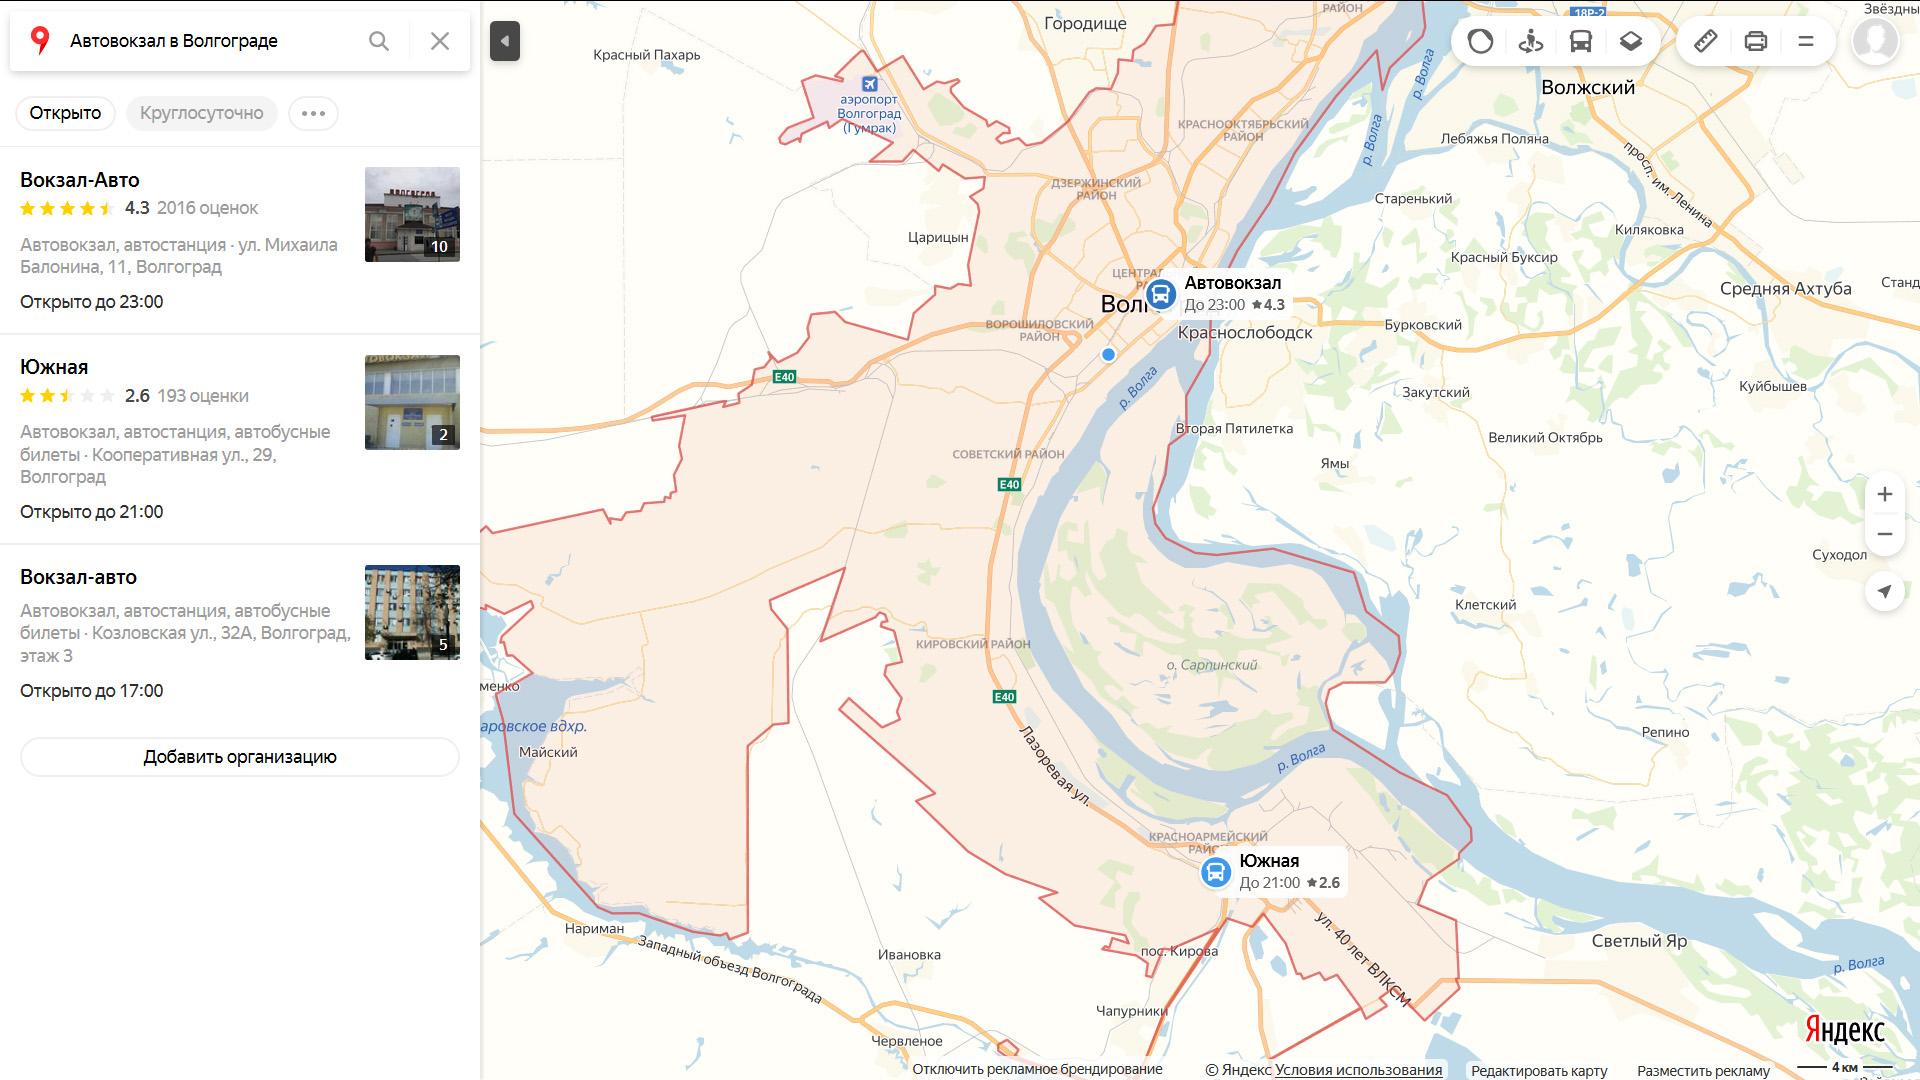 Автовокзалы Волгограда Центральный и Южный на карте где находятся